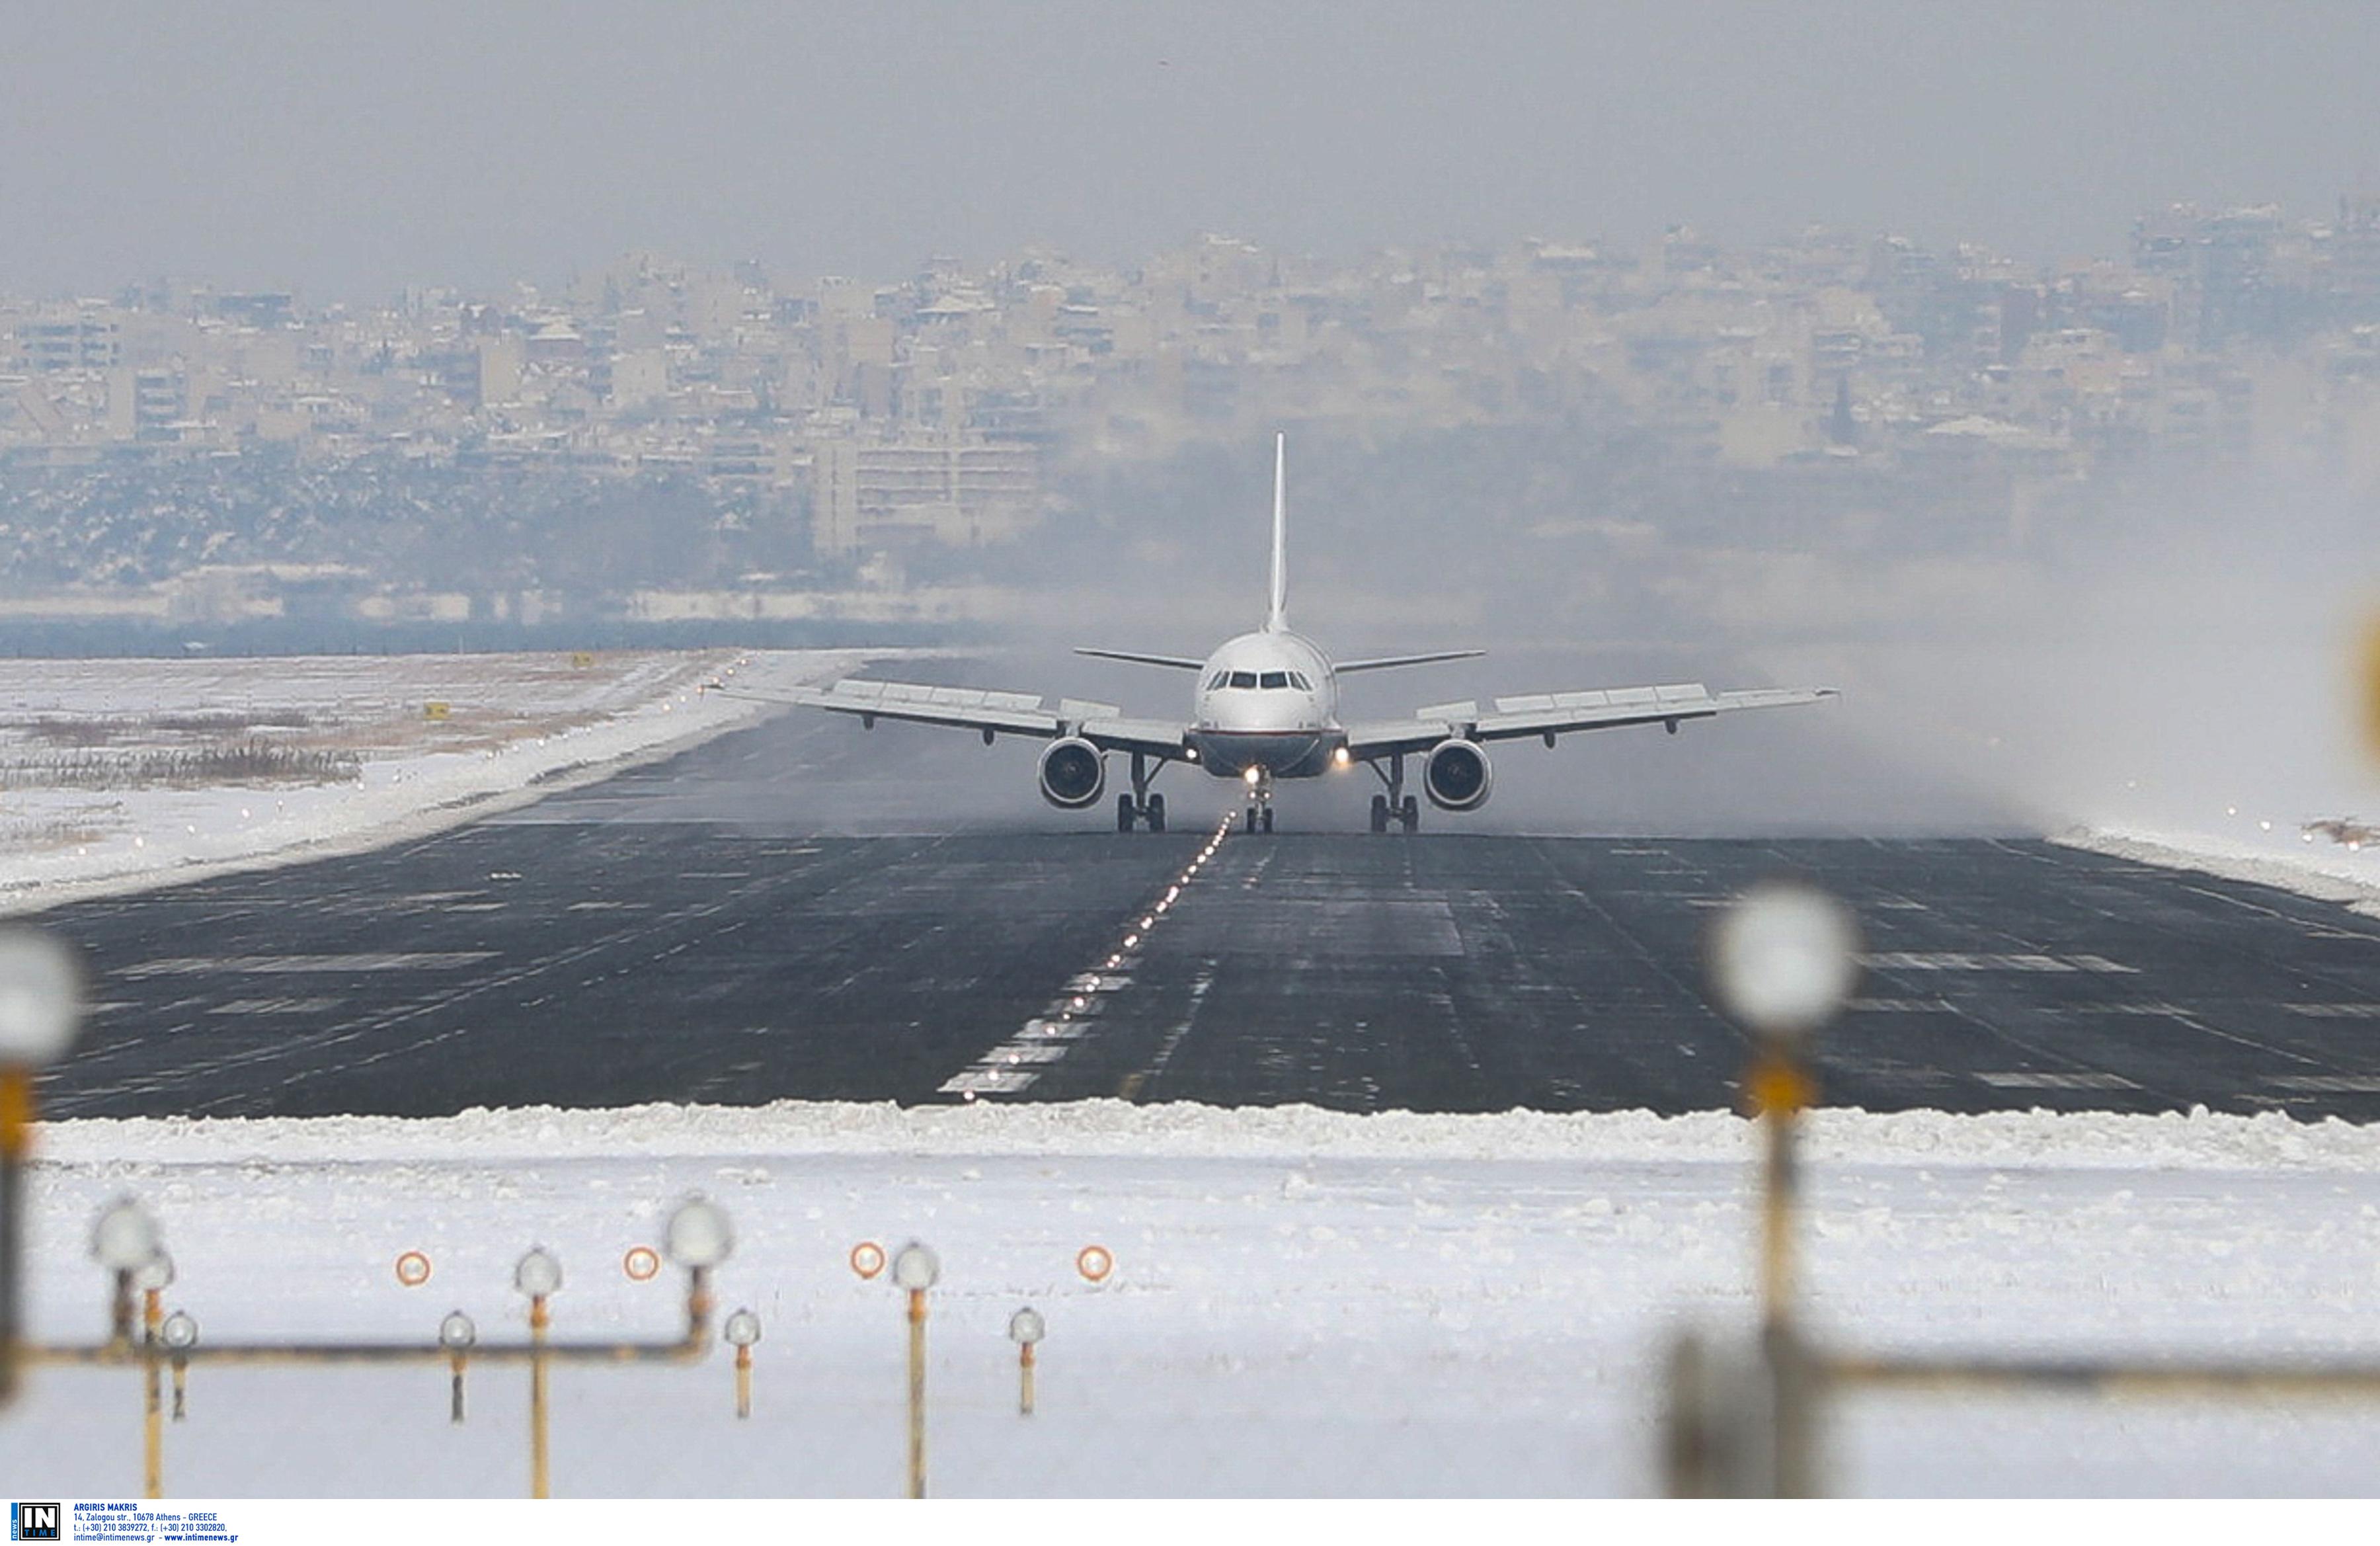 Θεσσαλονίκη: Έκτακτη προσγείωση αεροπλάνου στο αεροδρόμιο Μακεδονία